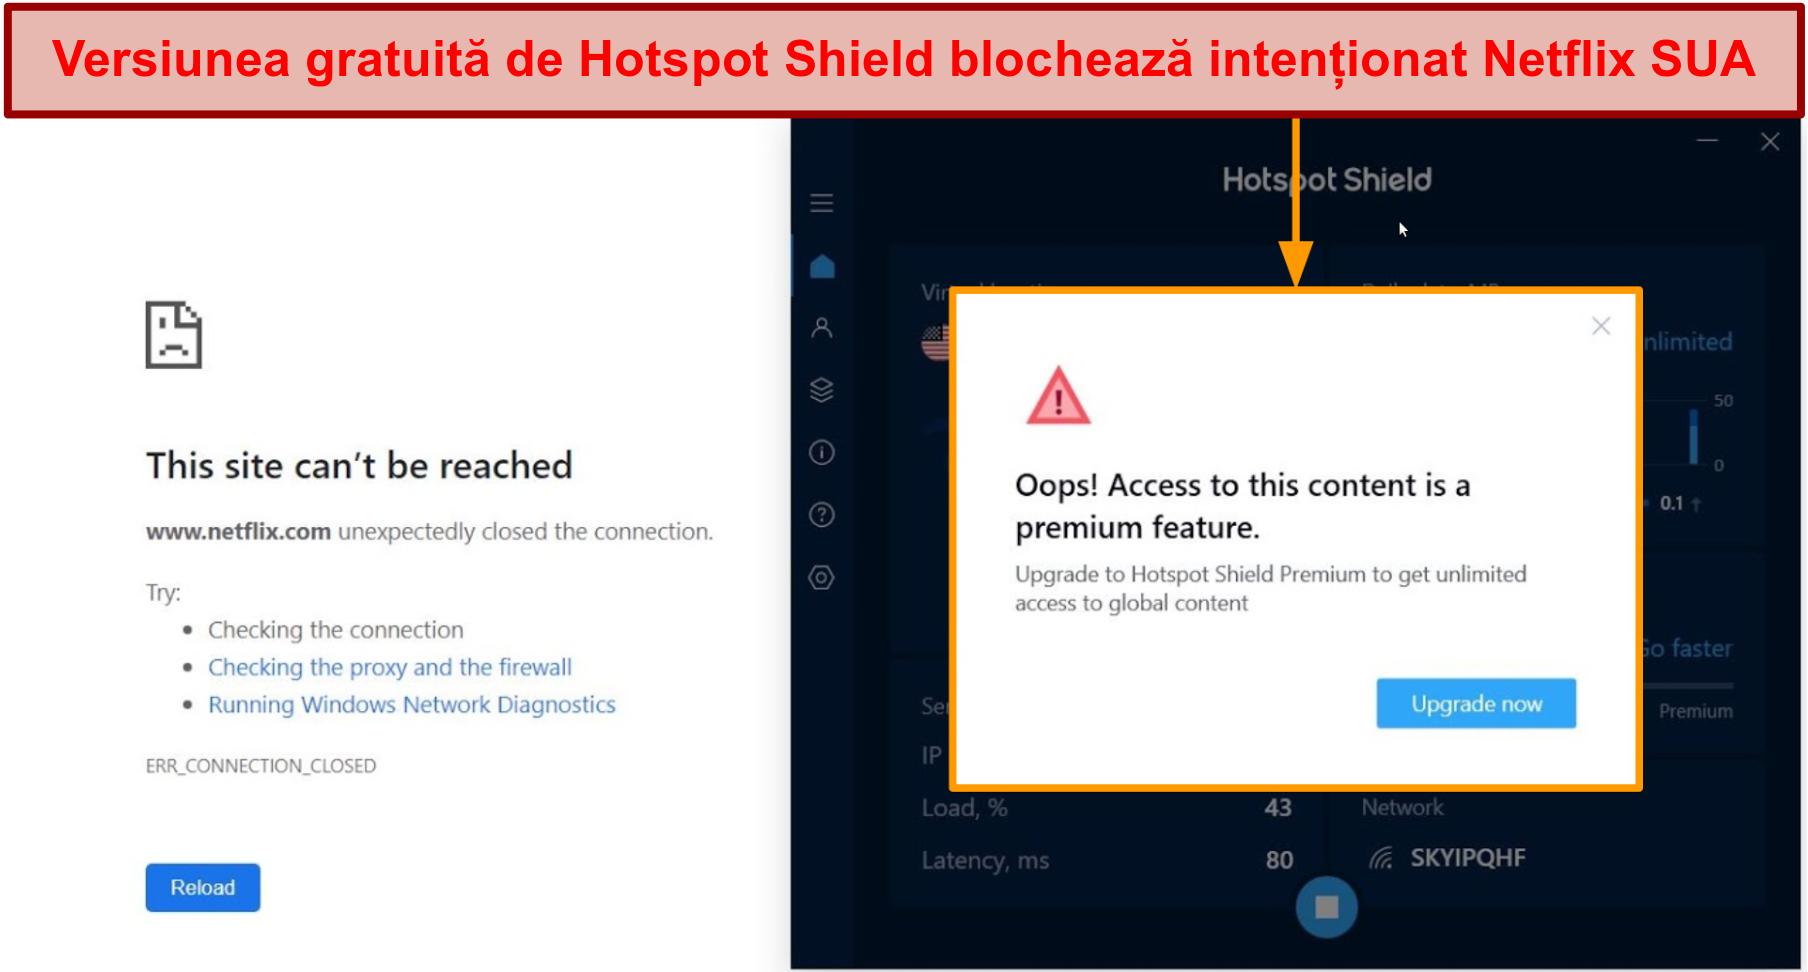 captură de ecran afișată HotspotShield blochează în mod deliberat Netflix